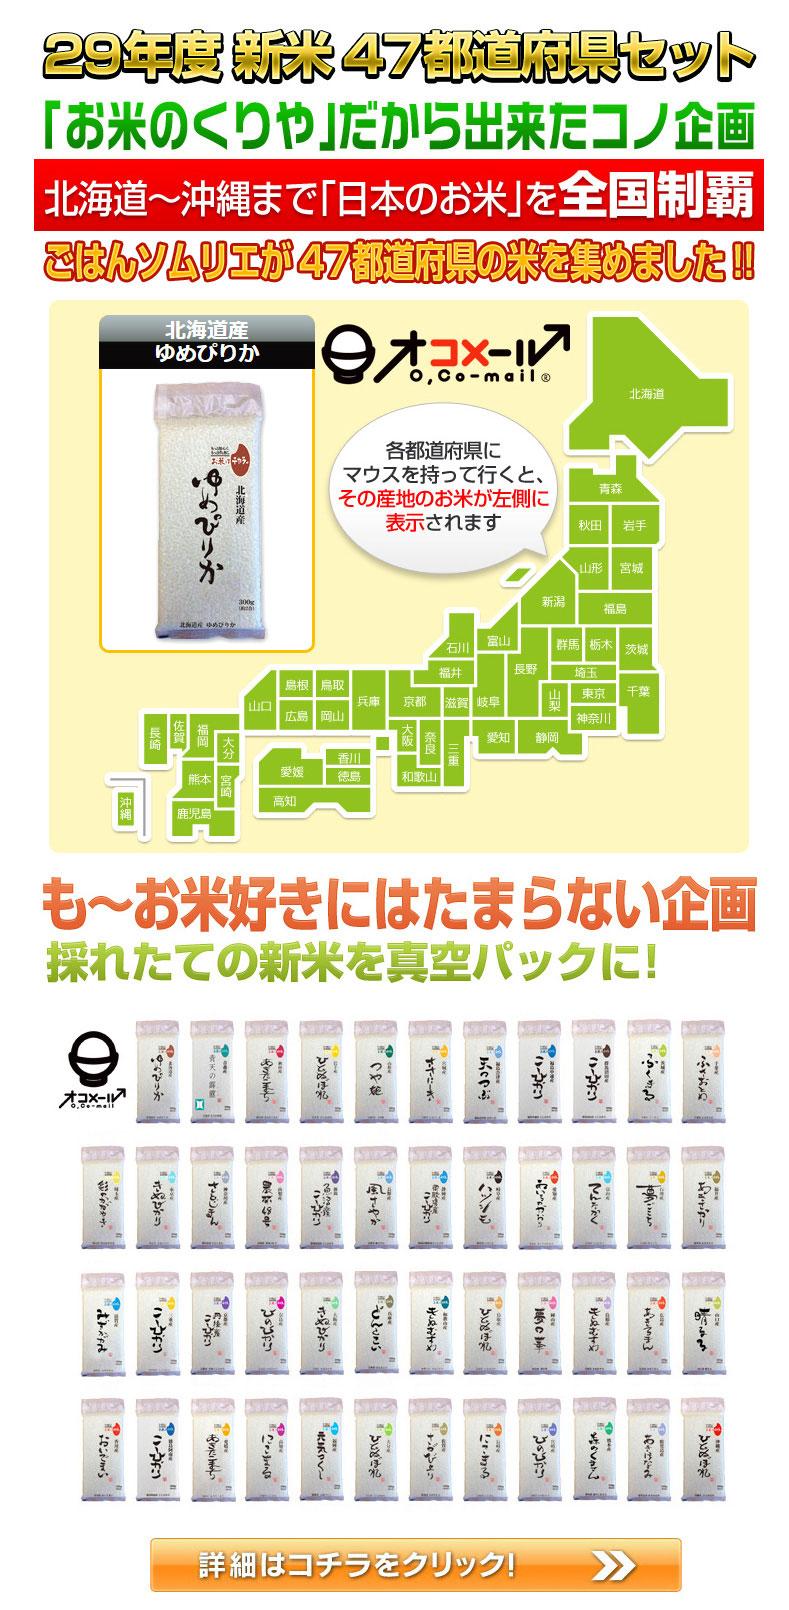 日本全国の新米 47都道府県米 セット